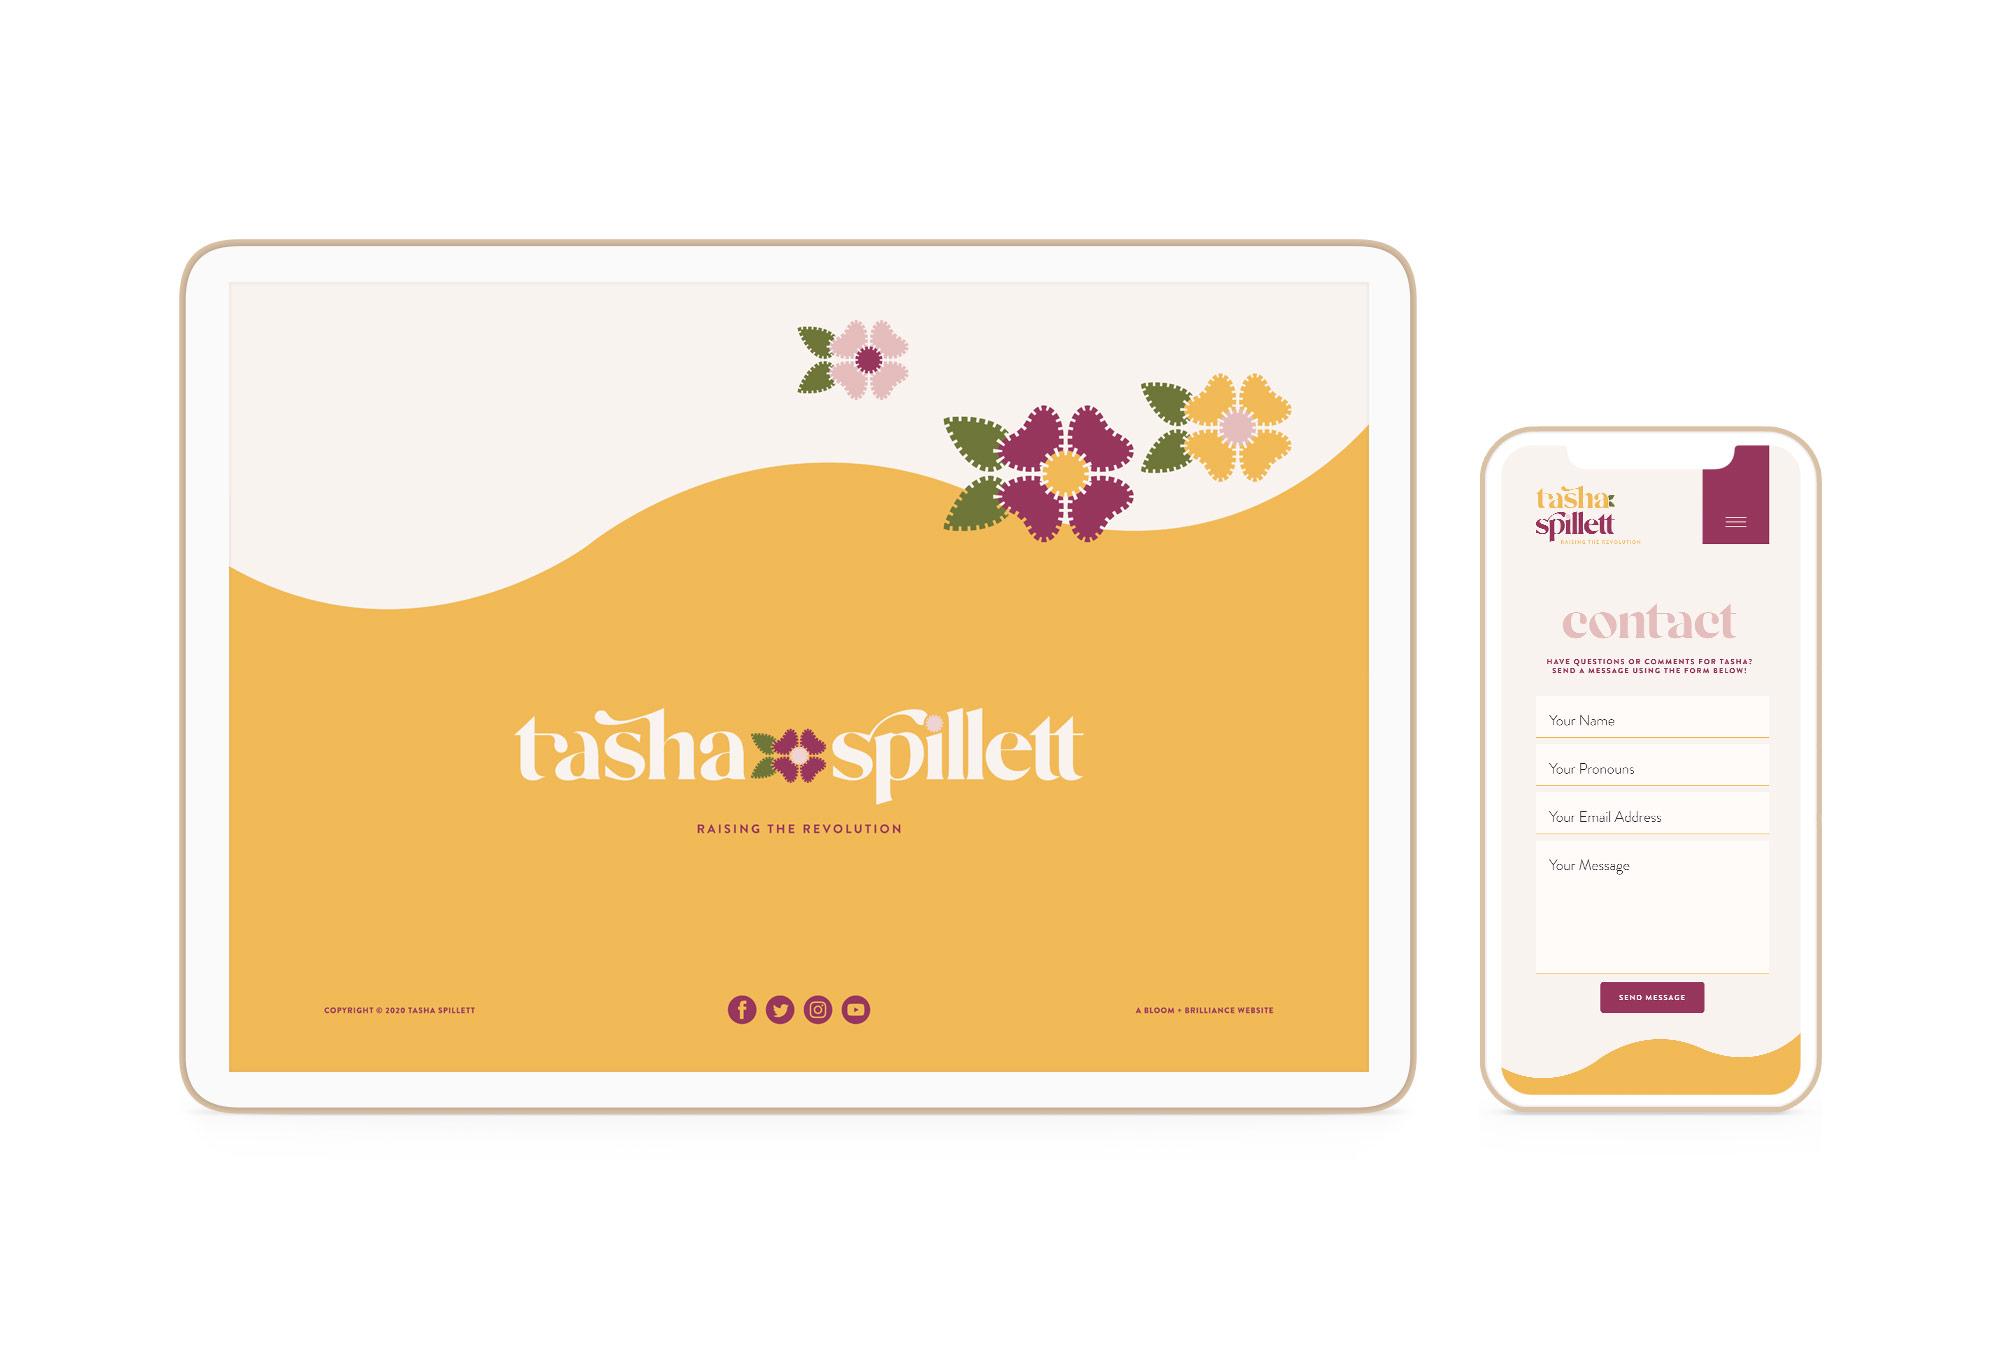 Branding and Website Design for Indigenous and Black Feminist Entrepreneur and Author Tasha Spillett